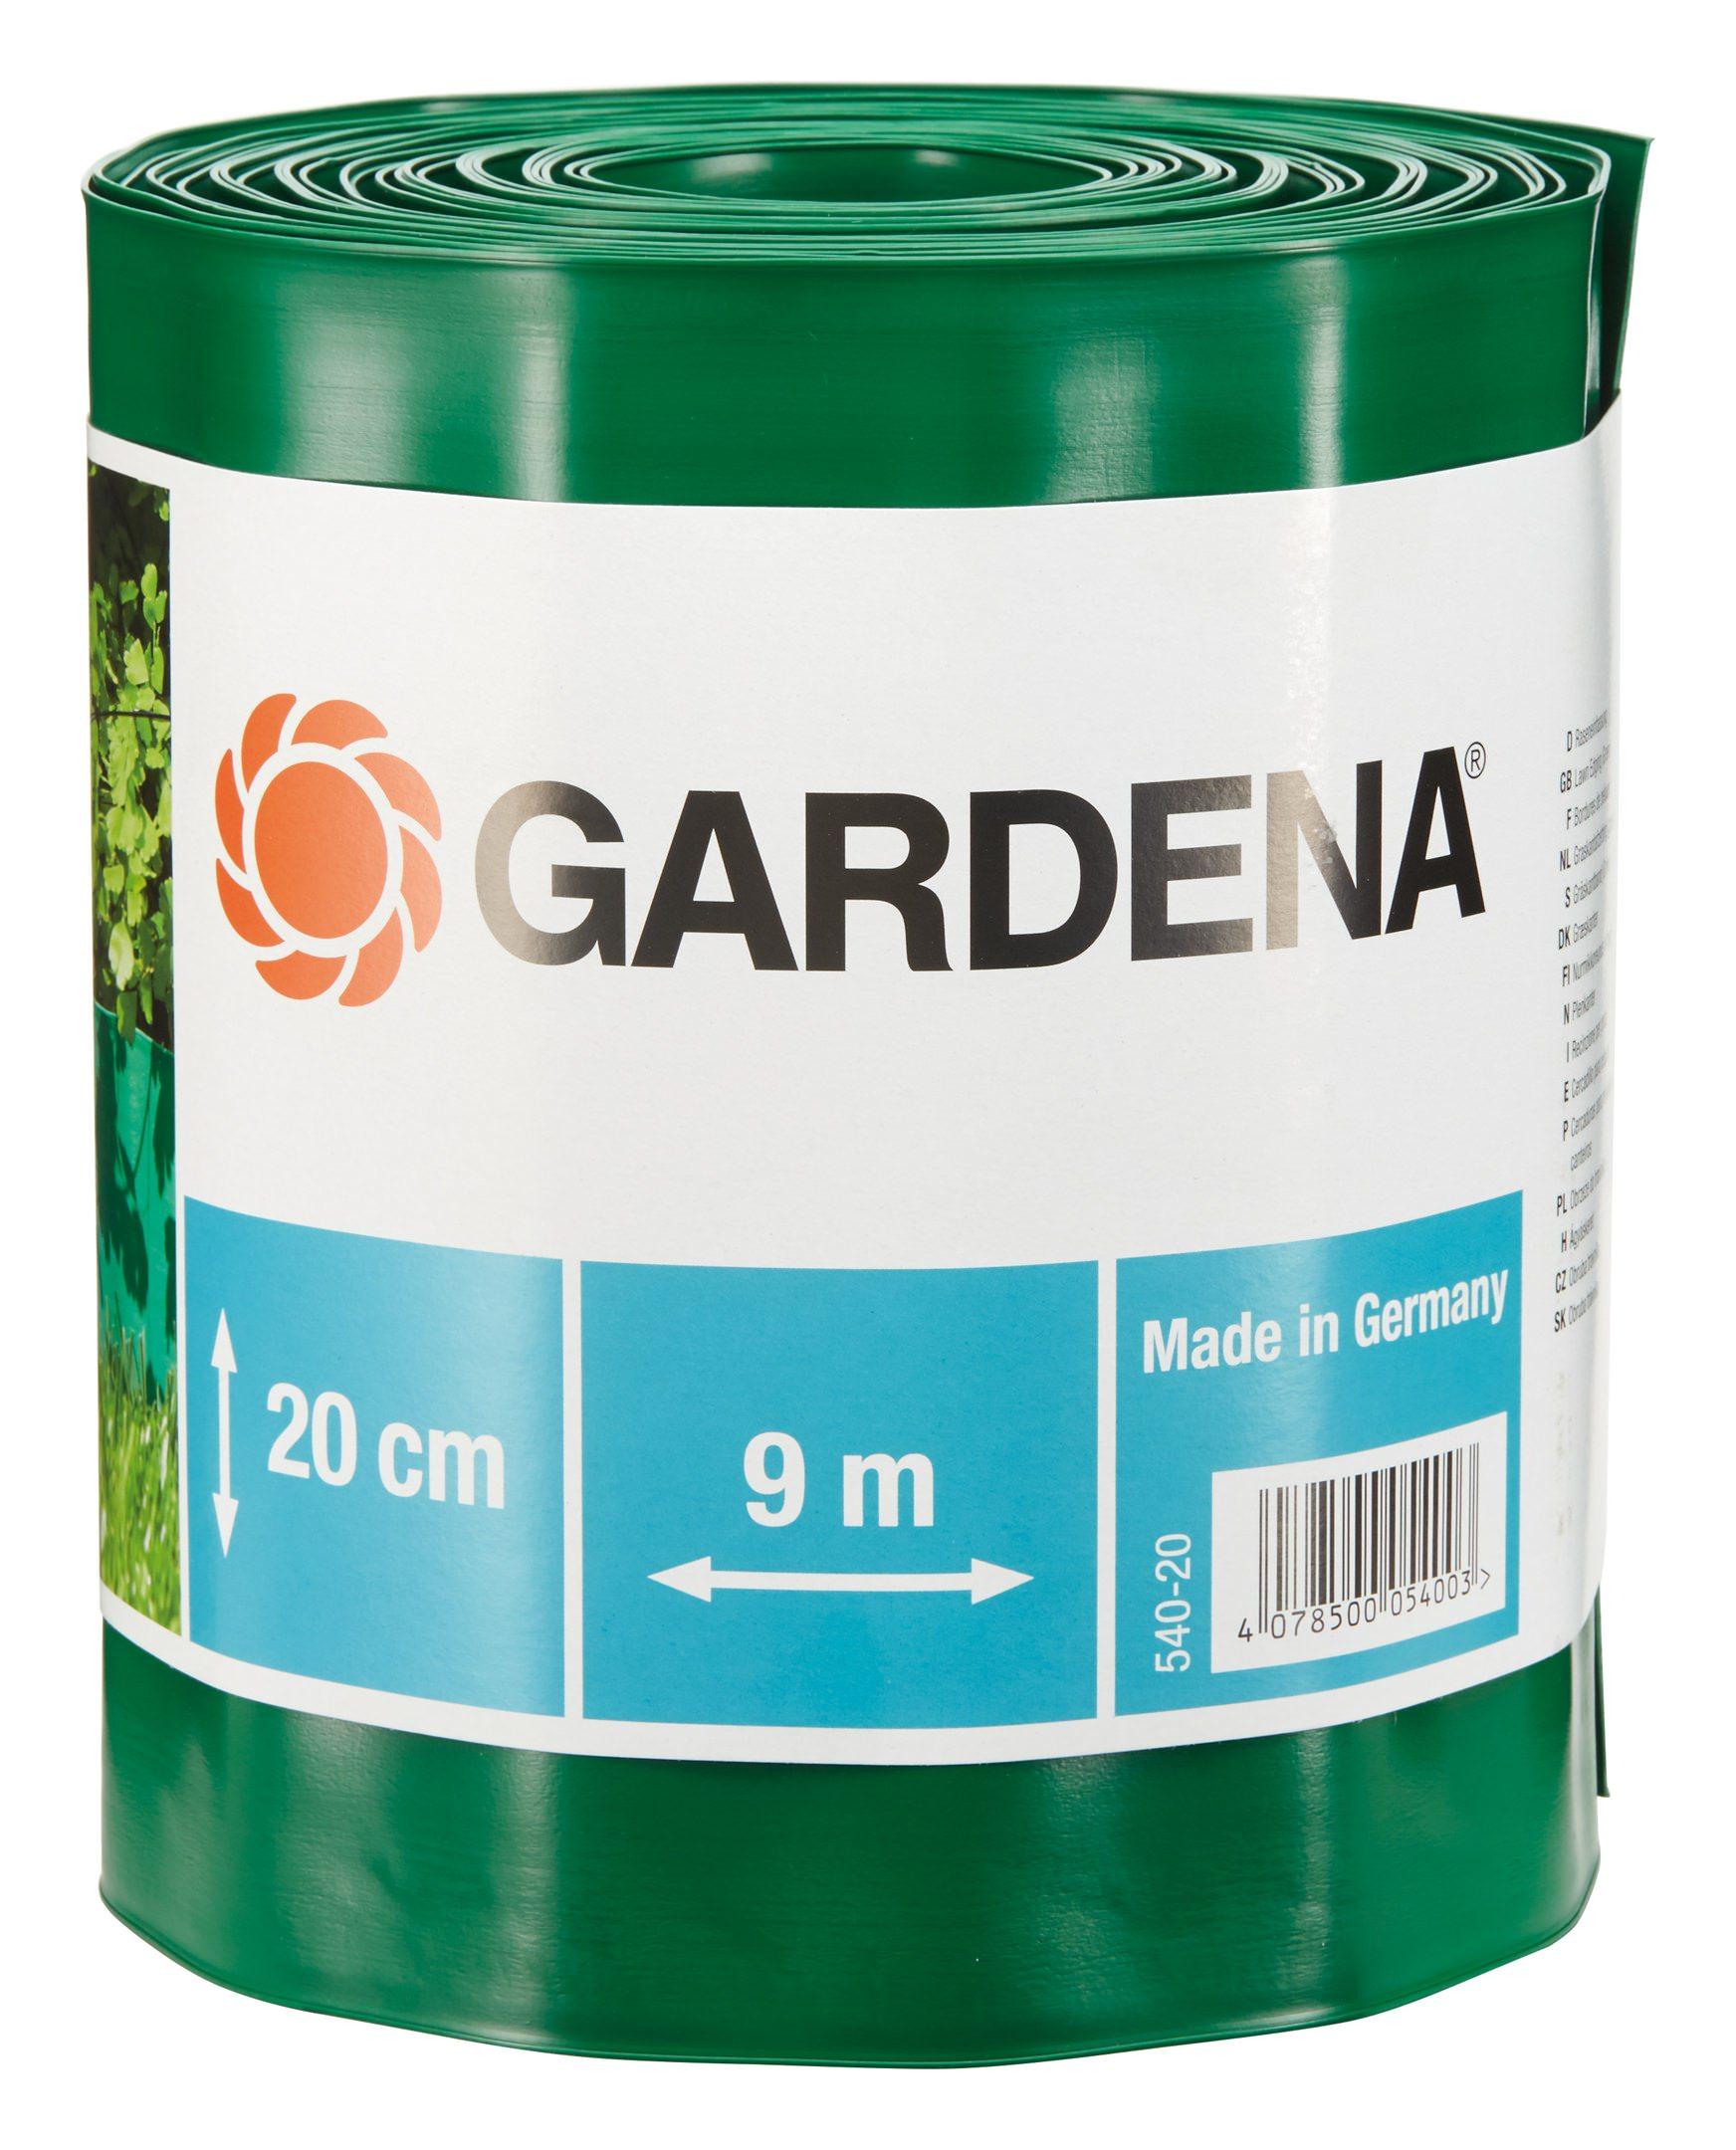 Raseneinfassung, Gardena, »Rolle 20 cm hoch, 9 m lang grün«